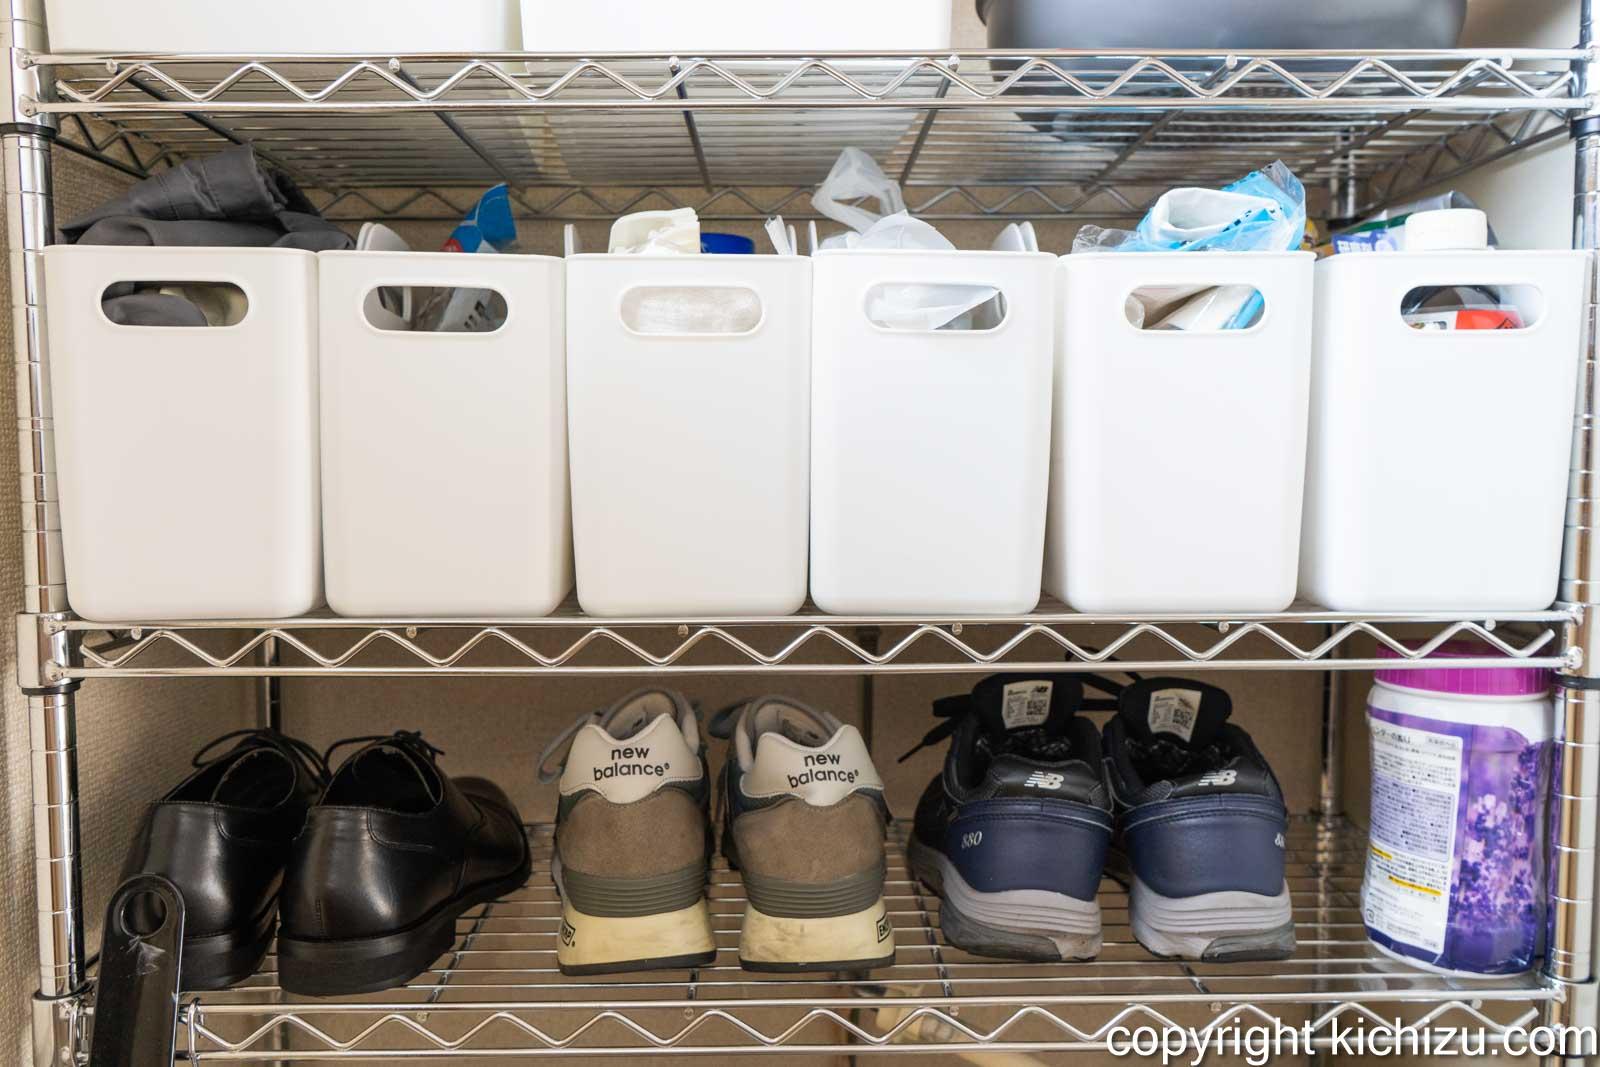 1段目を靴置き場に顔面を小物置き場